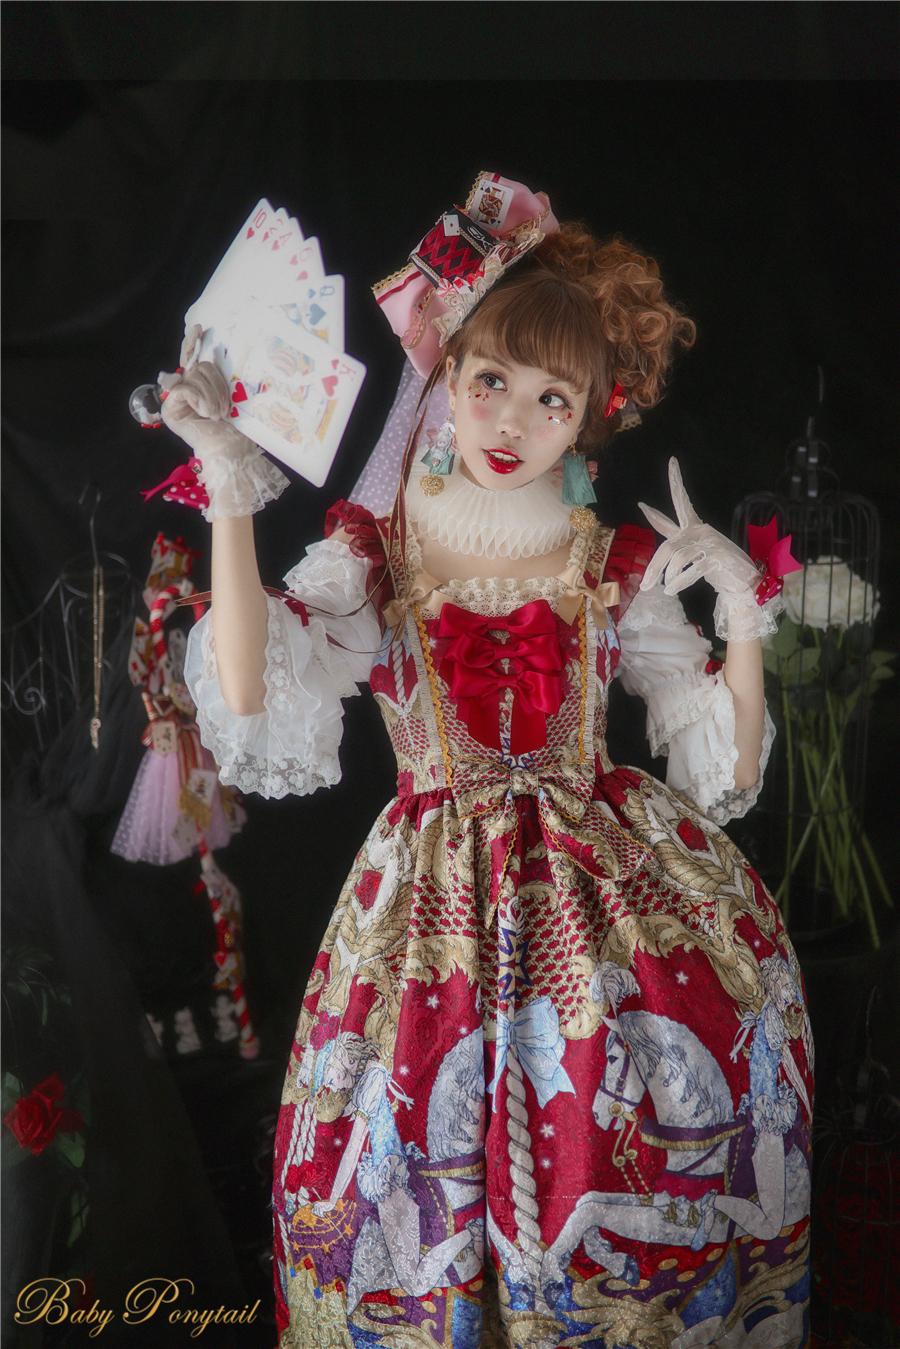 Baby Ponytail_Circus Princess_Red JSK_Kaka_01.jpg